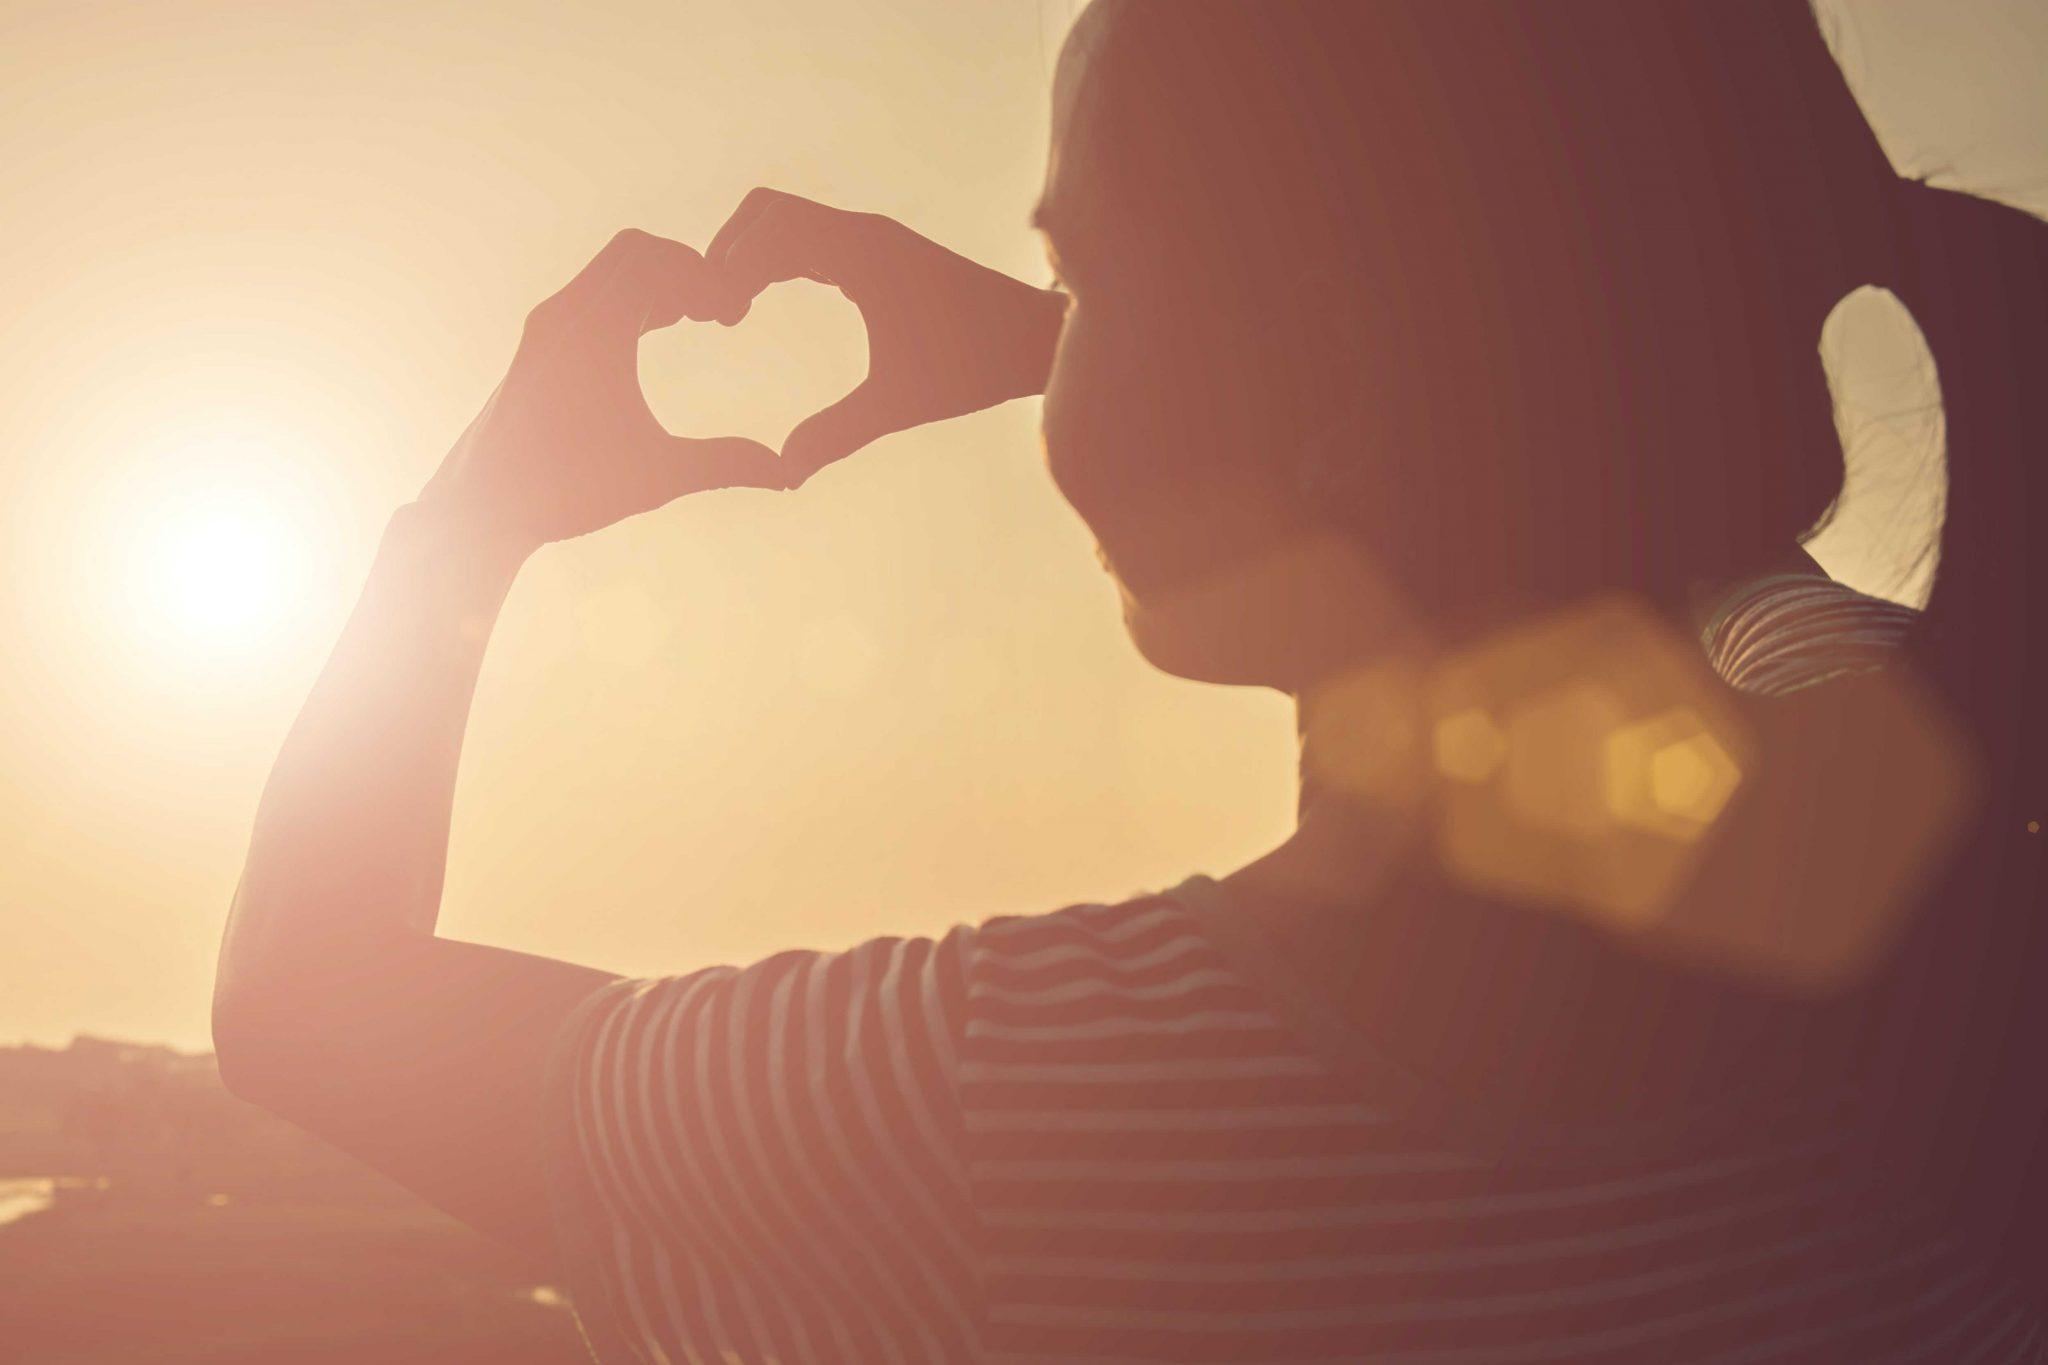 Kalp sağlığı, alzheimer, pozitif düşünme, zeytinyağının faydaları